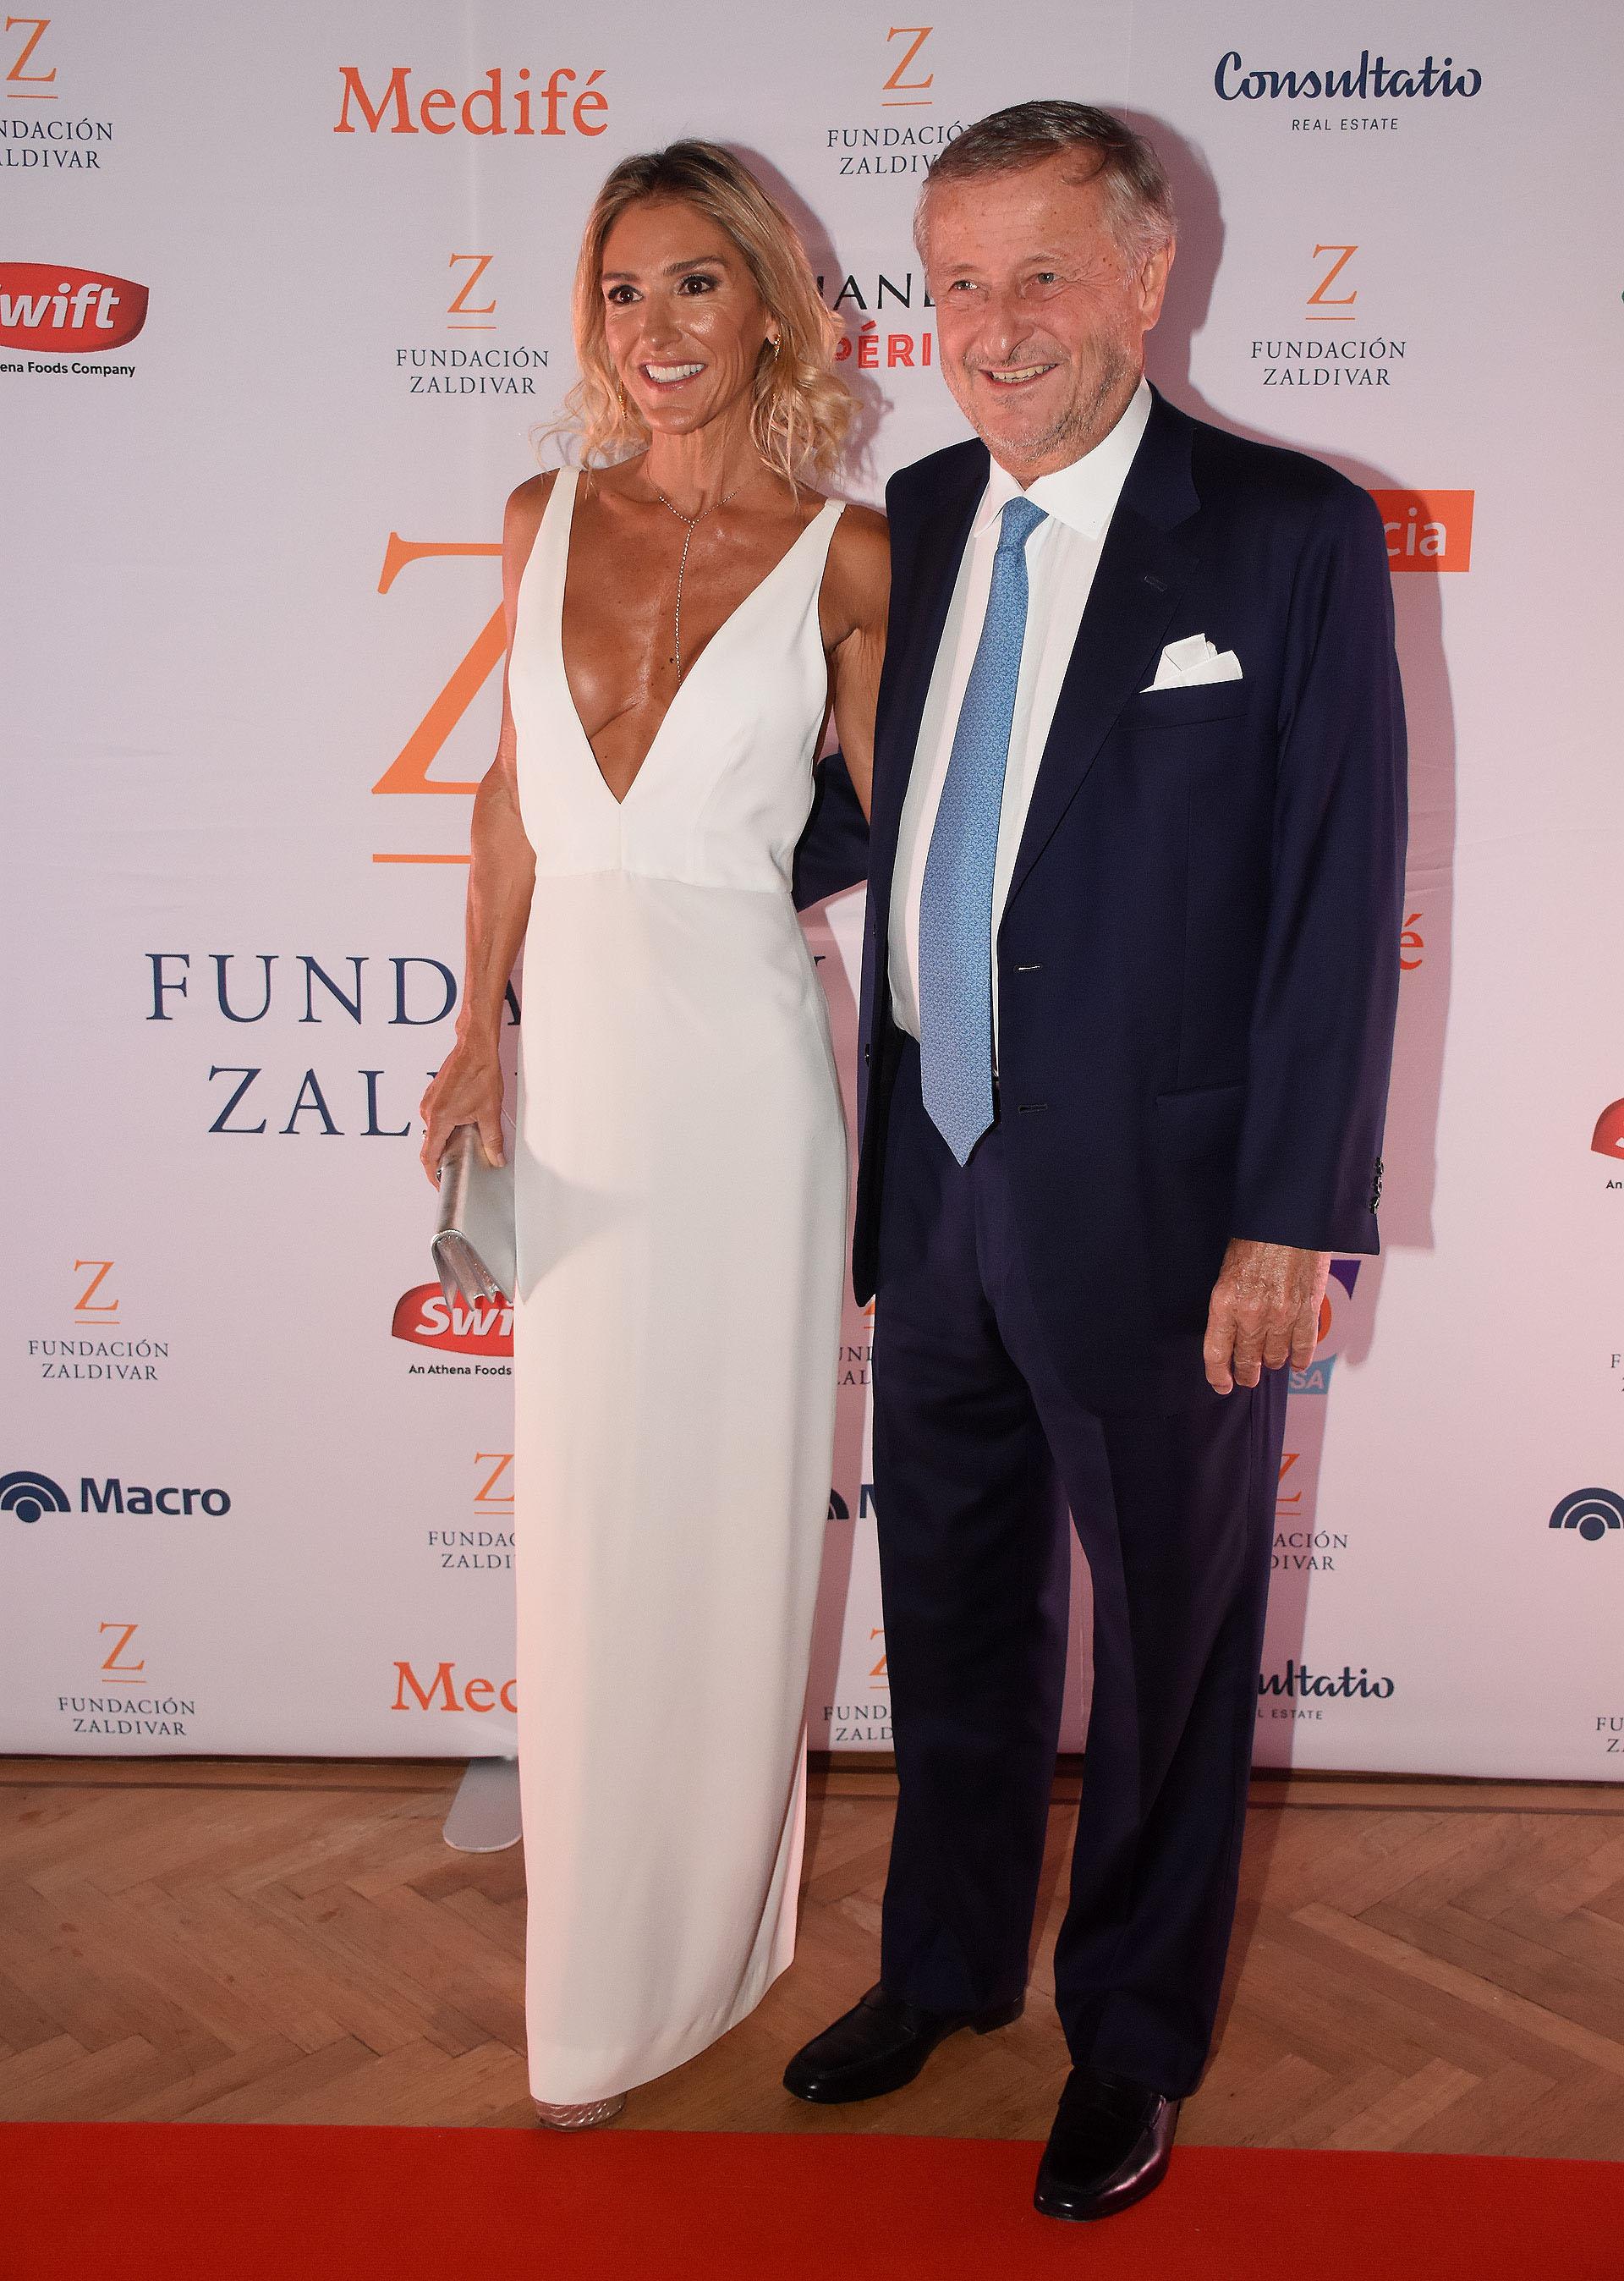 Gabriela Castellani y Cristiano Rattazzi, presidente de Fiat Argentina